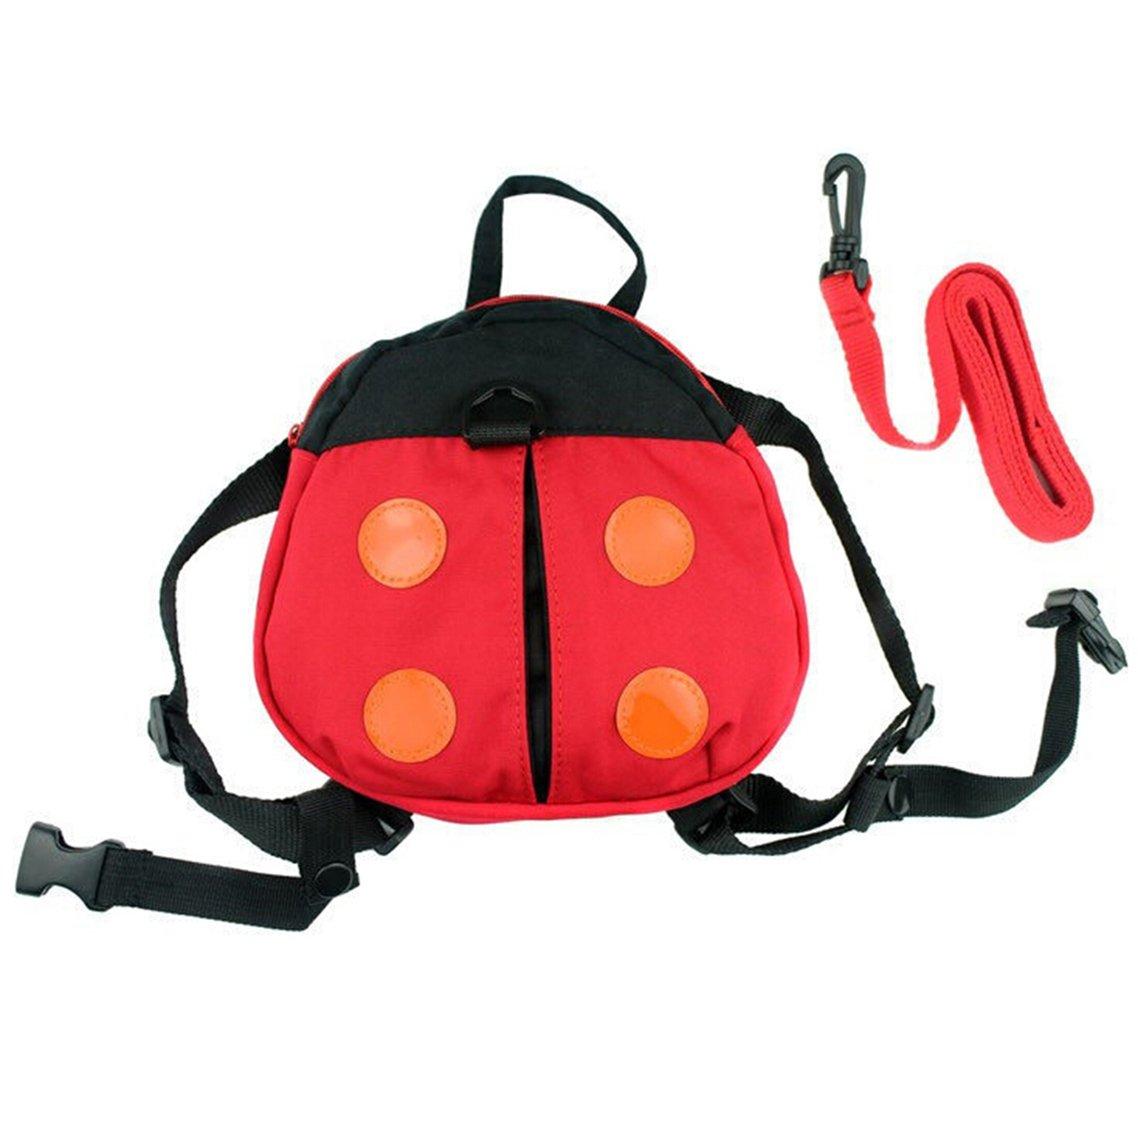 Bluelans® Cute Kids Keeper Toddler Walking Safety Harness Backpack Security Strap Rein Belt Red Ladybug Bag Strap Bag Walker Learning (Ladybug)